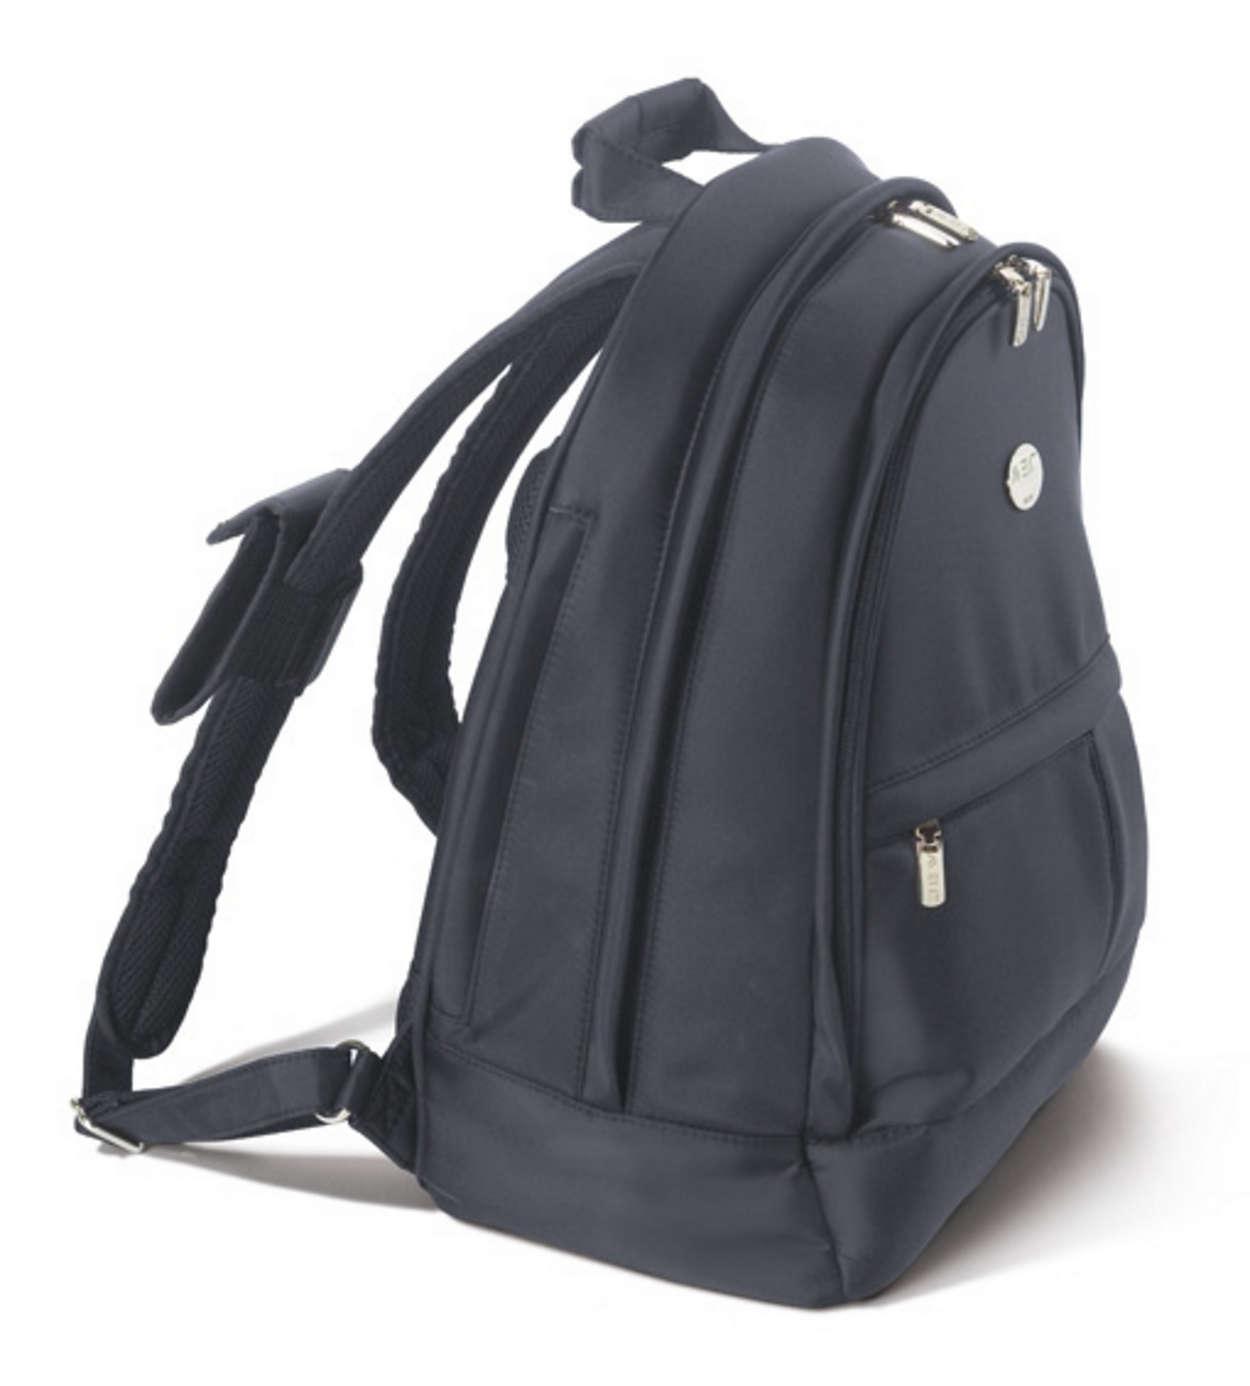 Şık, rahat sırt çantası